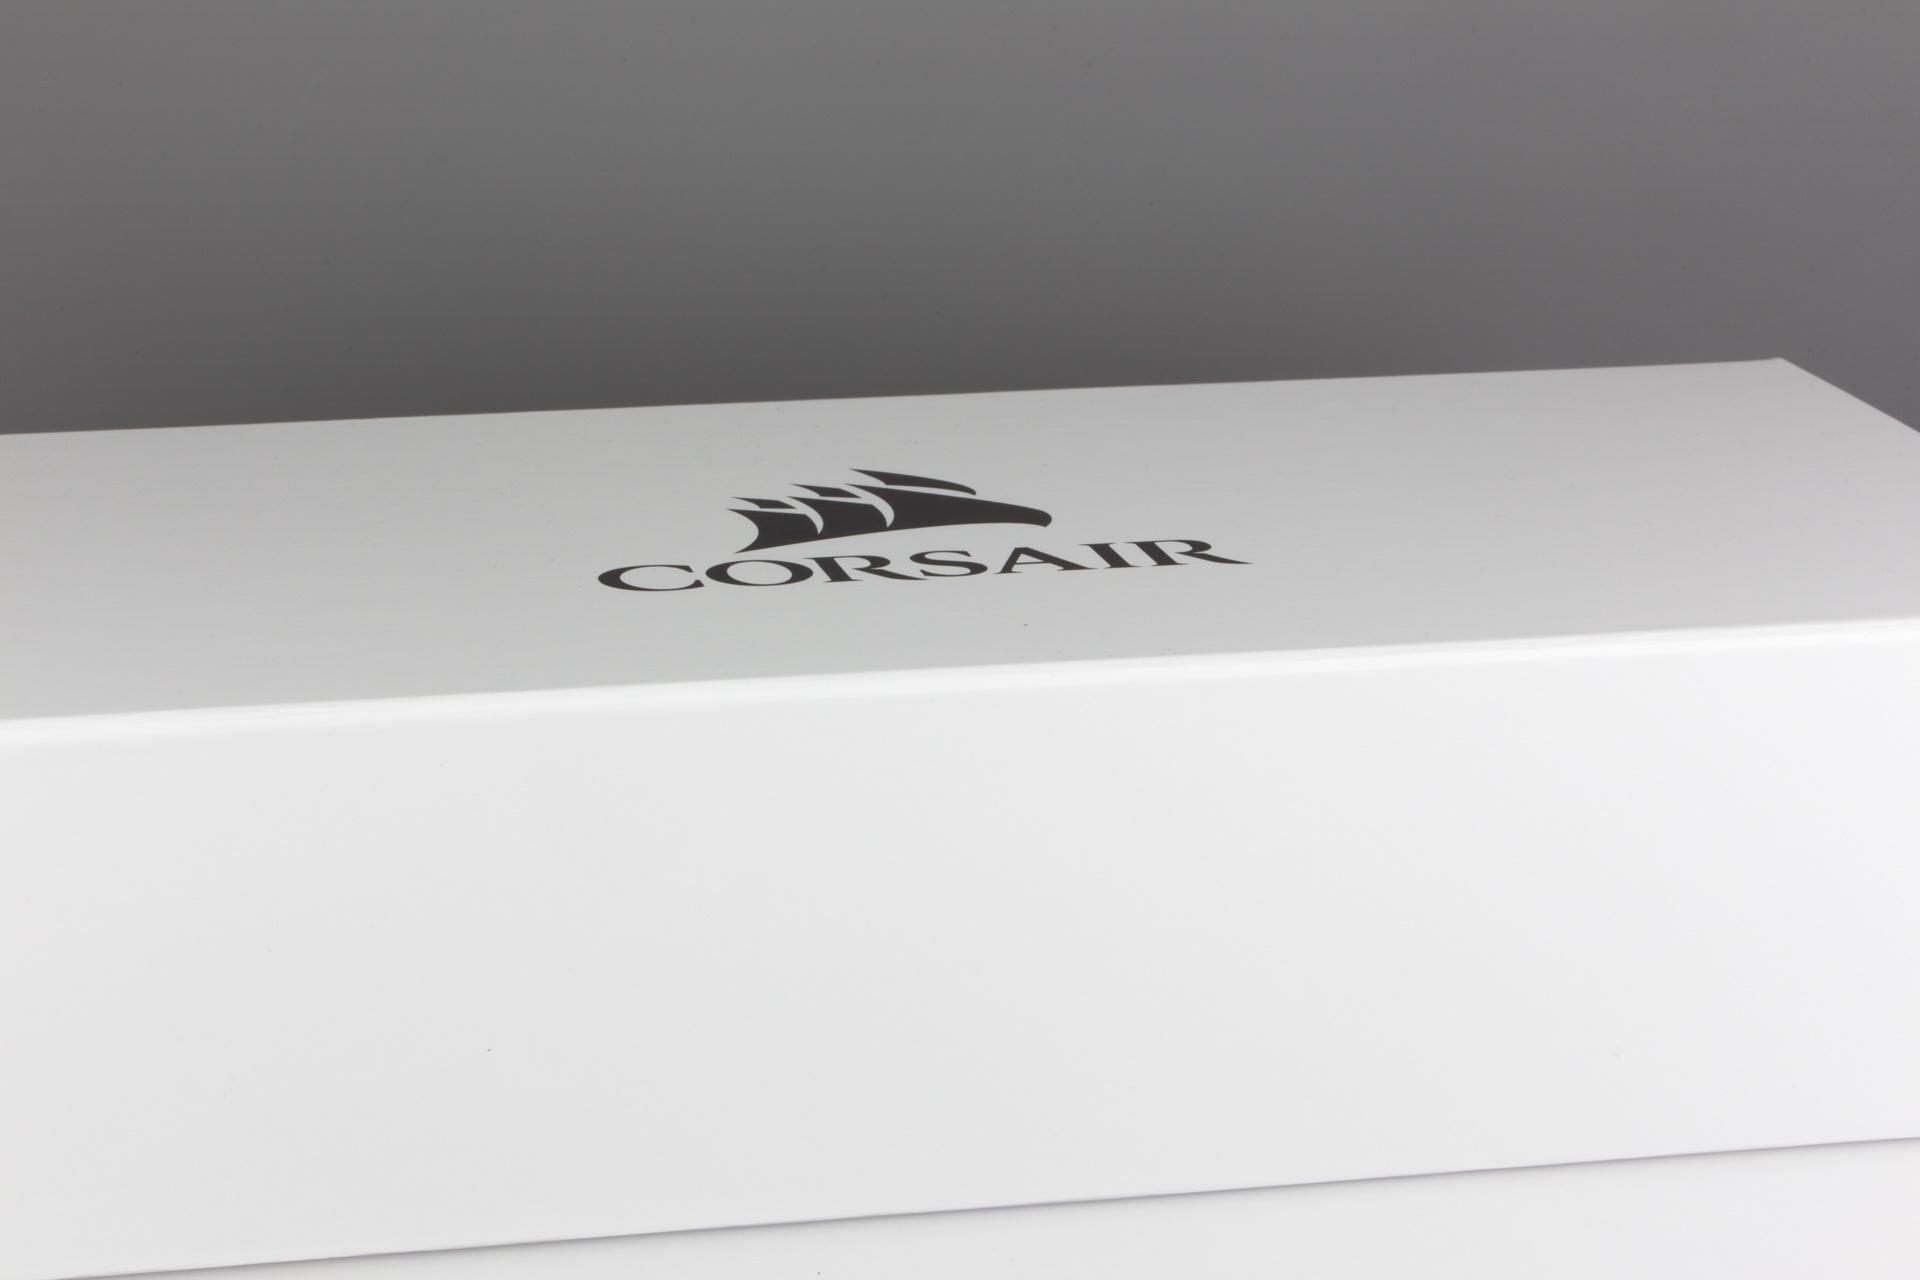 Corsair Cadeau 05